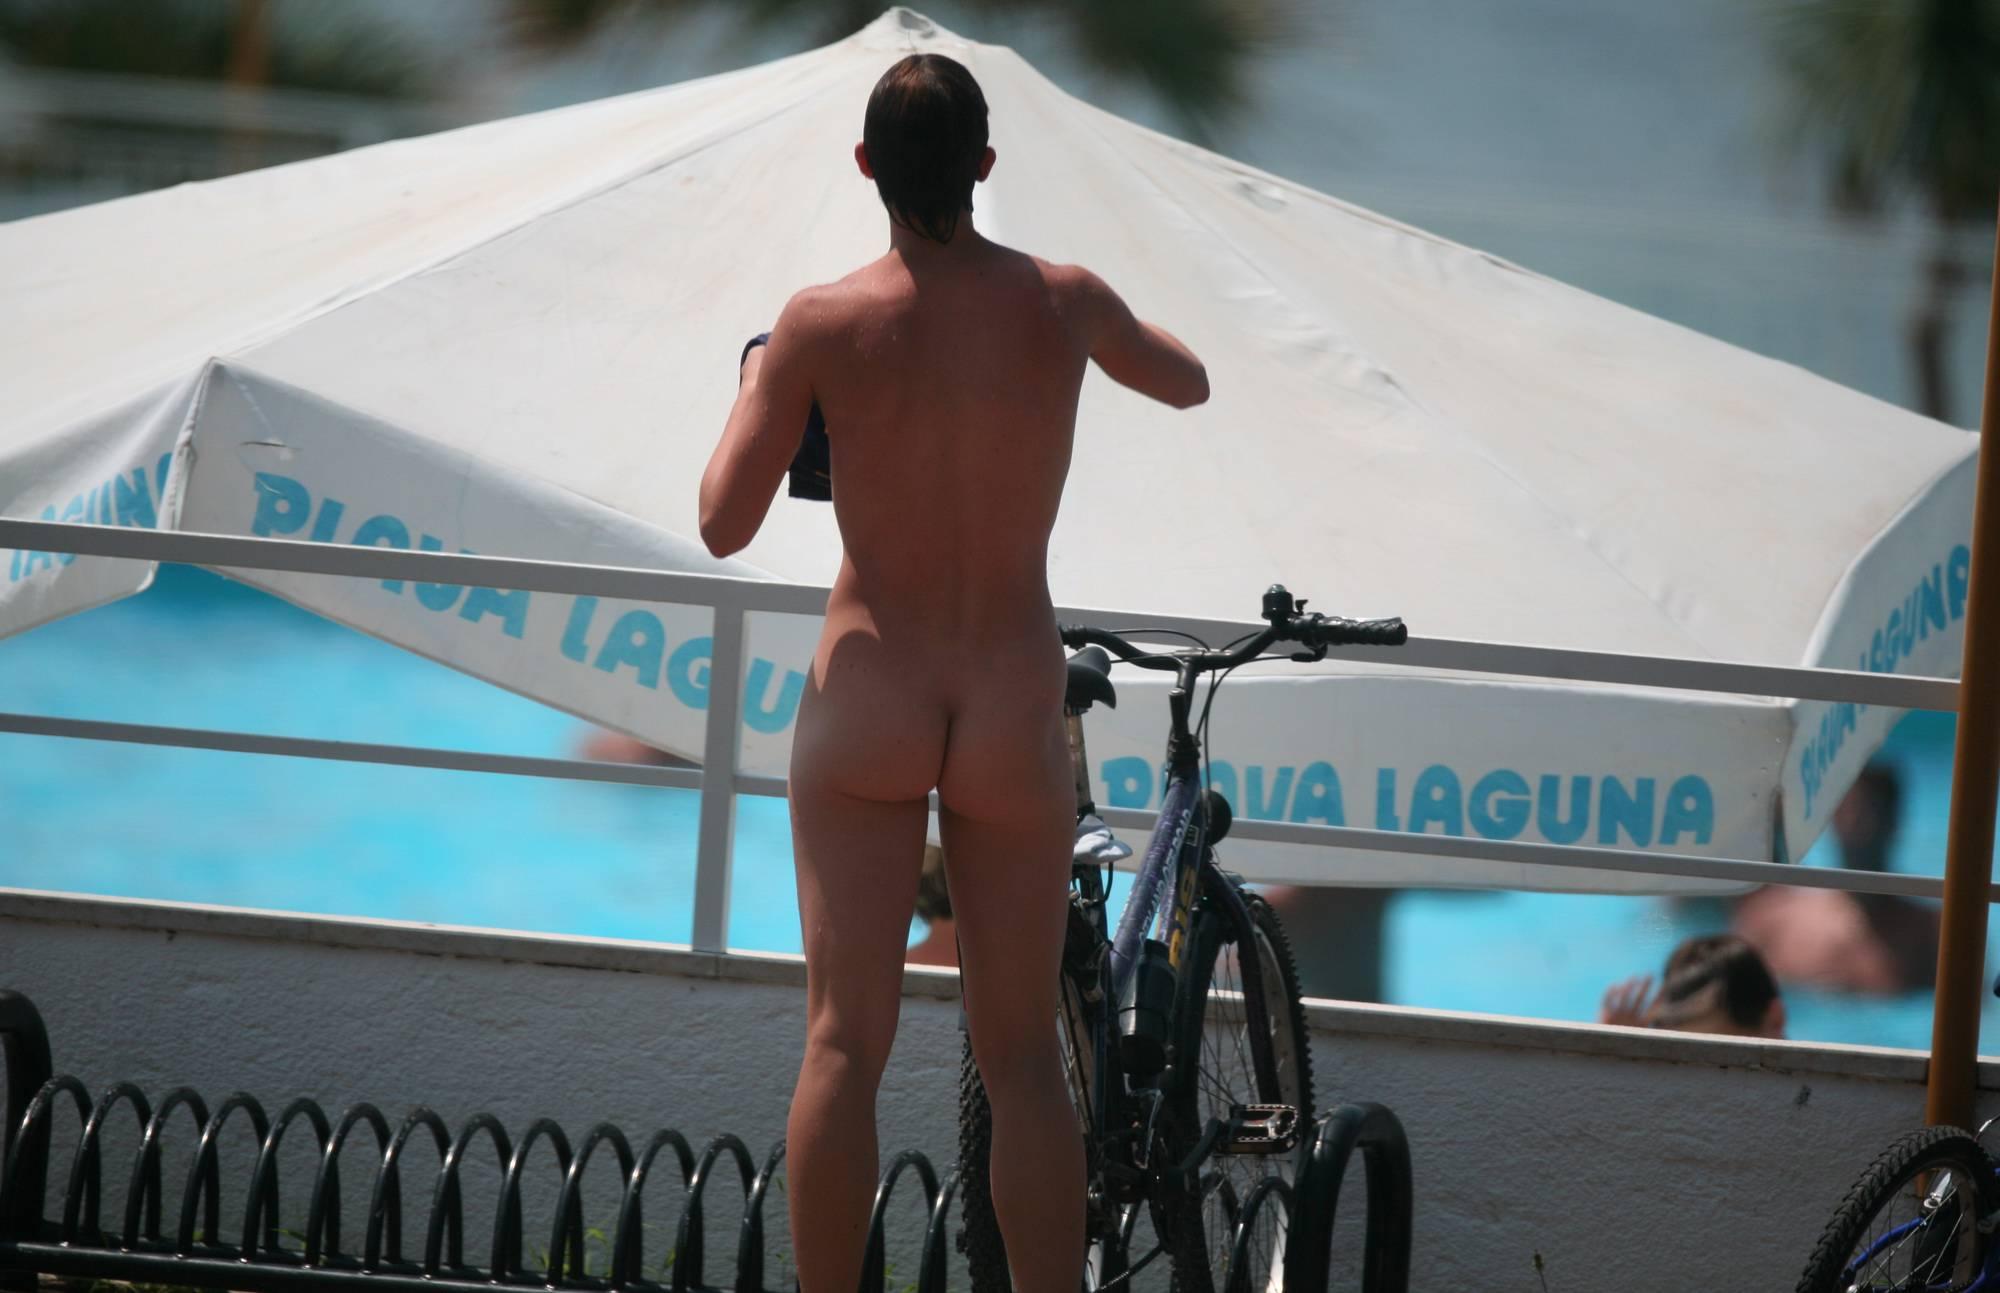 Nudist Photos Teenage Nudist Biking Off - 2